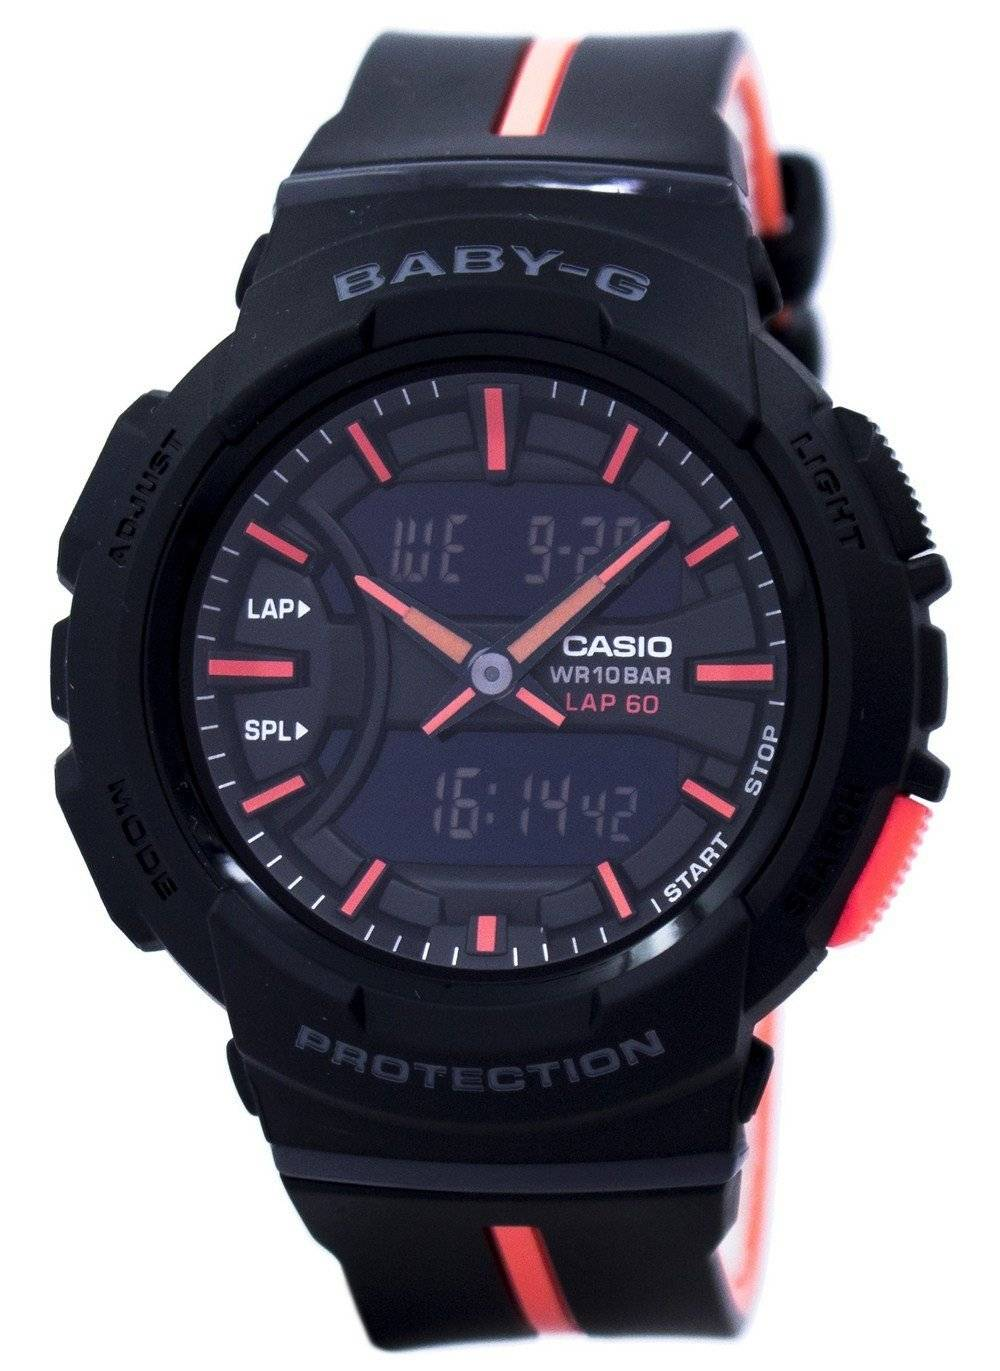 a4564673293 Casio Baby-G resistente agli urti Dual Time analogico digitale BGA-240L-1A  orologio. Orologio Citizen Eco-Drive AU1083-13 H maschile